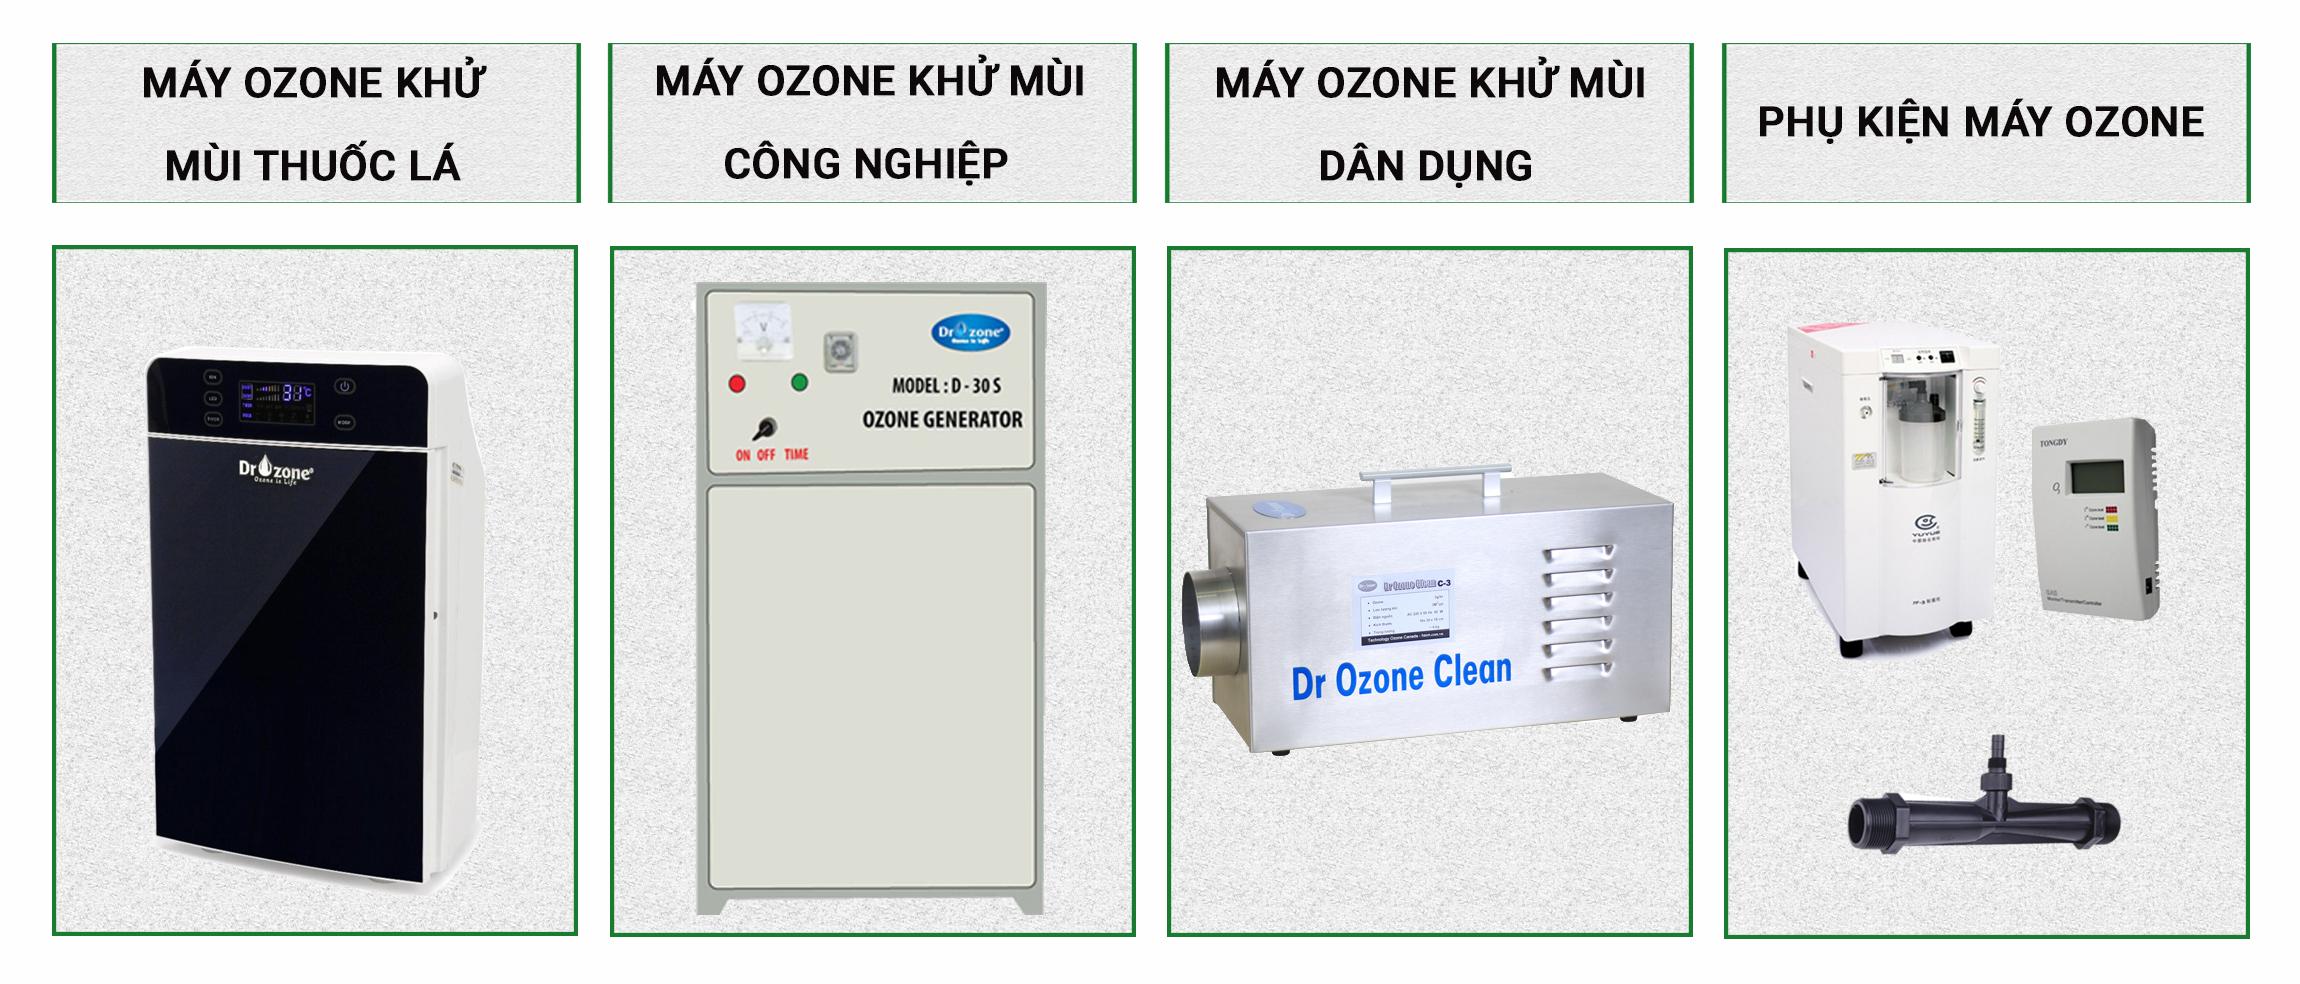 sản phẩm máy ozone được cung cấp bởi HSVN Global